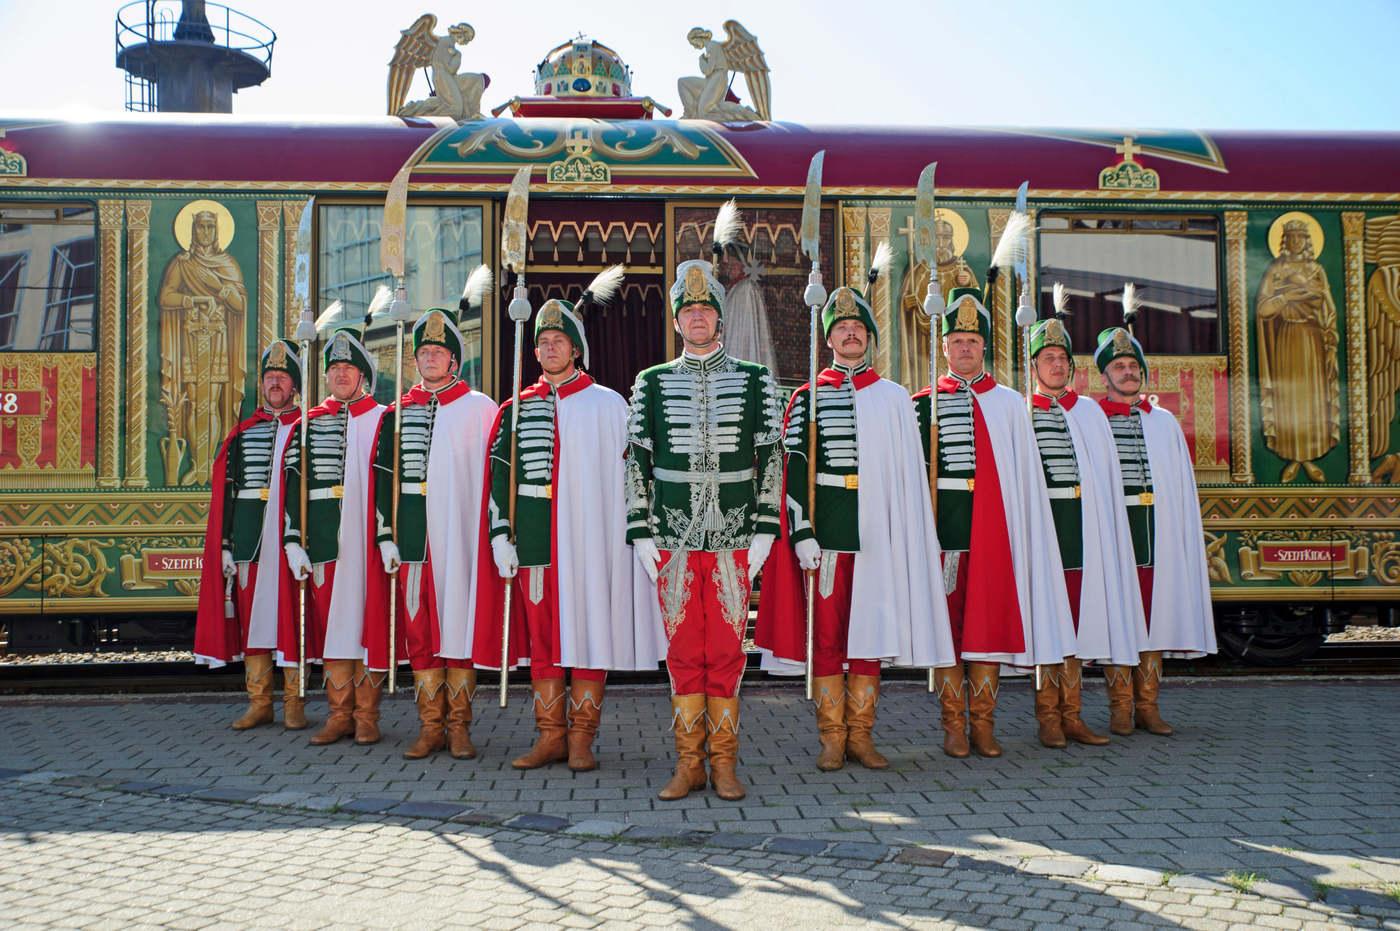 Az eredetileg 1938-ban elkészült, majd a II. világháborúban megsemmisült Aranyvonat újraépített Szent Jobb-ereklyeszállító kocsija a Vasúttörténeti Parkban 2020. augusztus 20-án, az államalapítás és az államalapító Szent István király ünnepén. Az ereklyeszállító kocsit a kormány megbízásából, a Magyar Nemzeti Múzeum irányításával a Dunakeszi Jármûjavítóban építették újra 5 év alatt, az eredetivel megegyezõen, de a mai vasúti közlekedésbiztonsági elõírásoknak megfelelõen. Az ereklyeszállító kocsiban a Szent Korona másolata látható, elõtte hagyományõrzõ koronaõrök állnak. MTI/Lakatos Péter